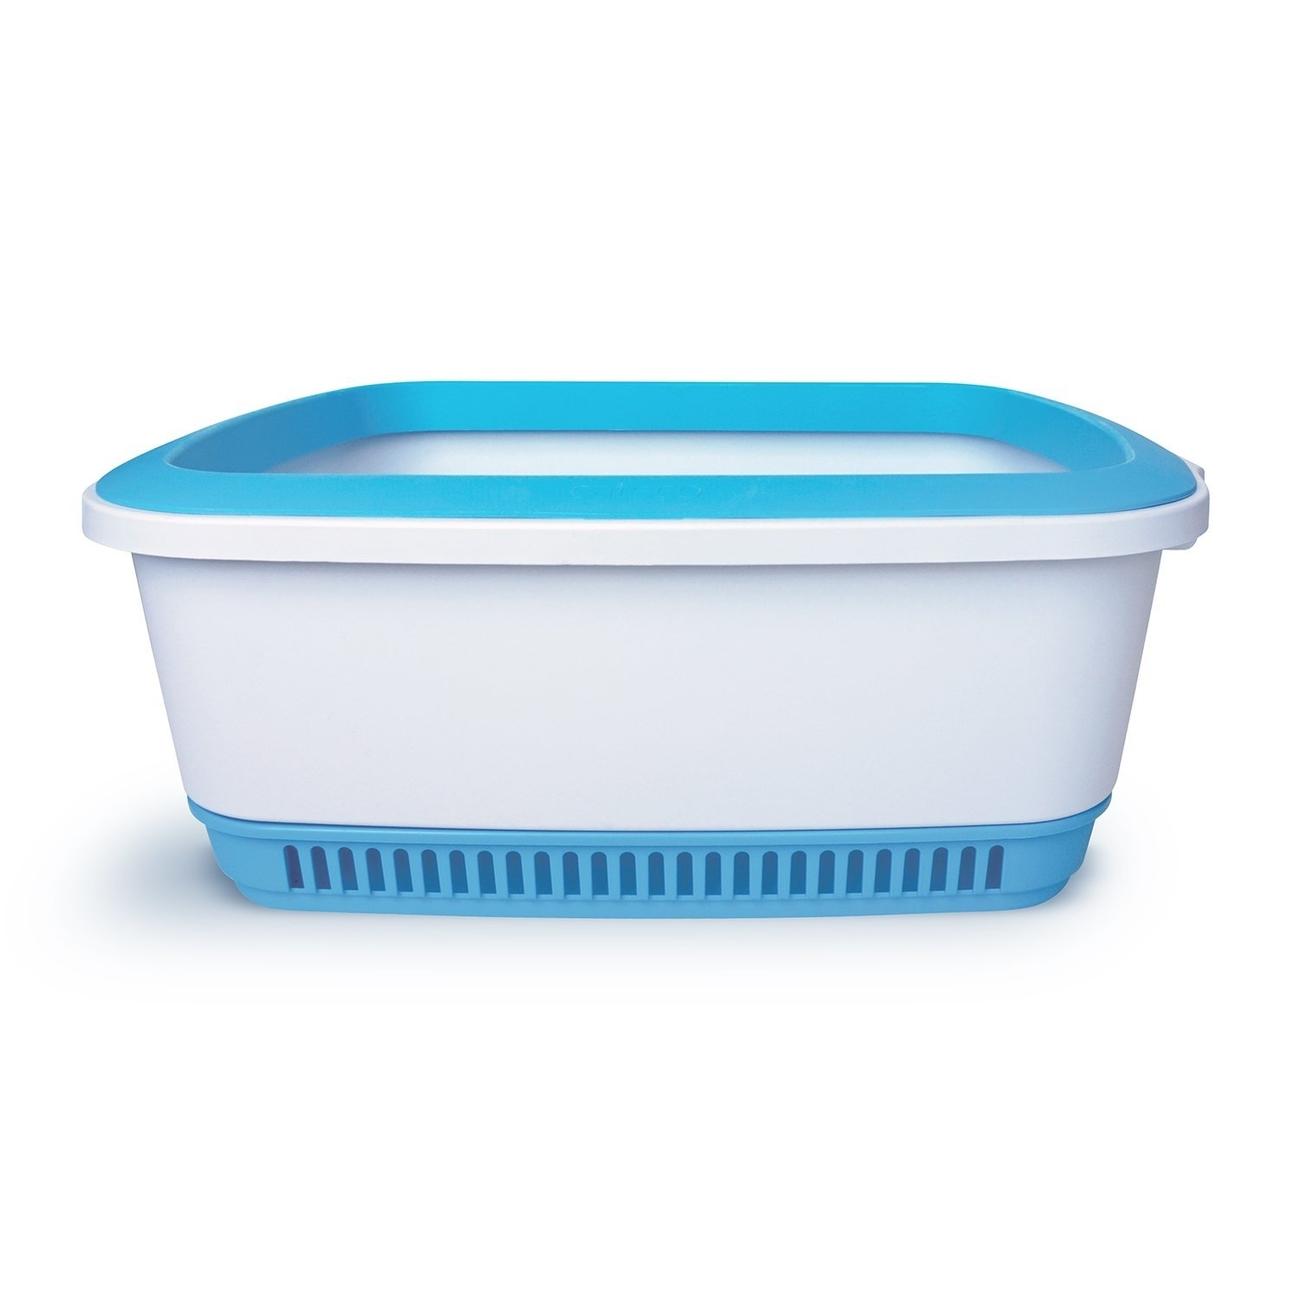 Canada Litter NOBA Premium Katzentoilette, 55,2 x 42,5 x 20,1 cm, Blau